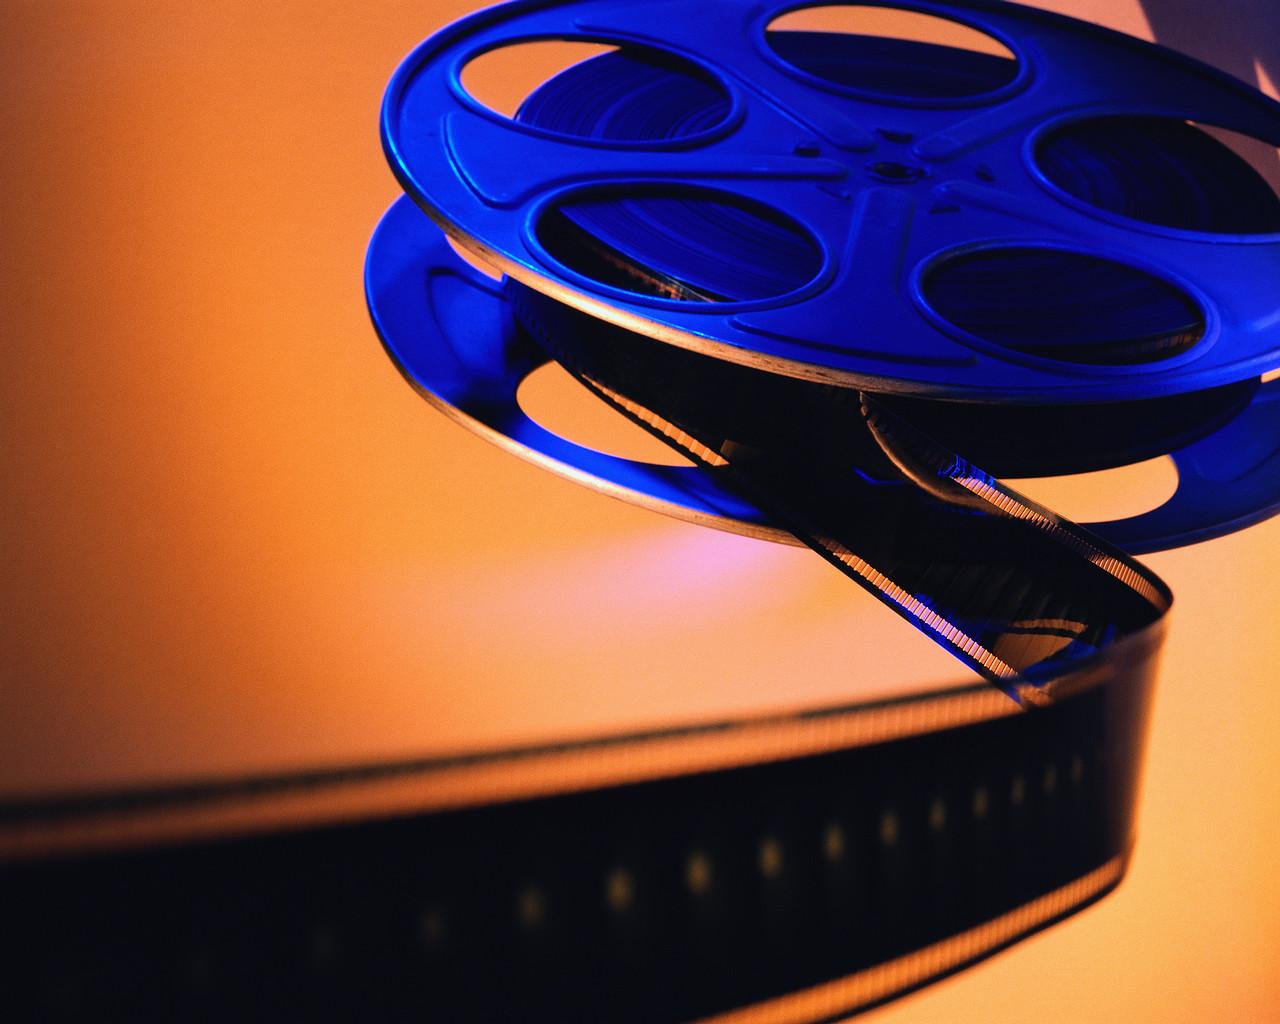 2º Mês da Música Eletrônica: 3 Dicas de filmes sobre Música Eletrônica filmes, Groove – A Festa Rave, música eletrônica, Ritmo Acelerado